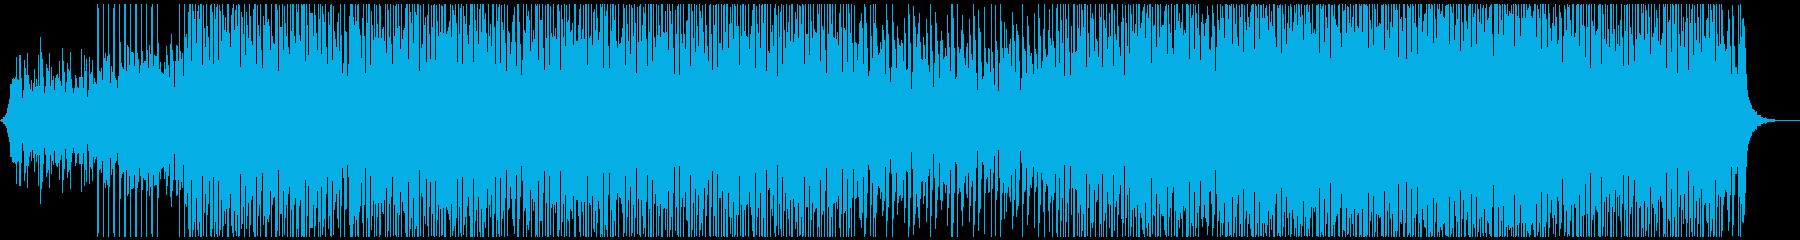 お祭りの再生済みの波形